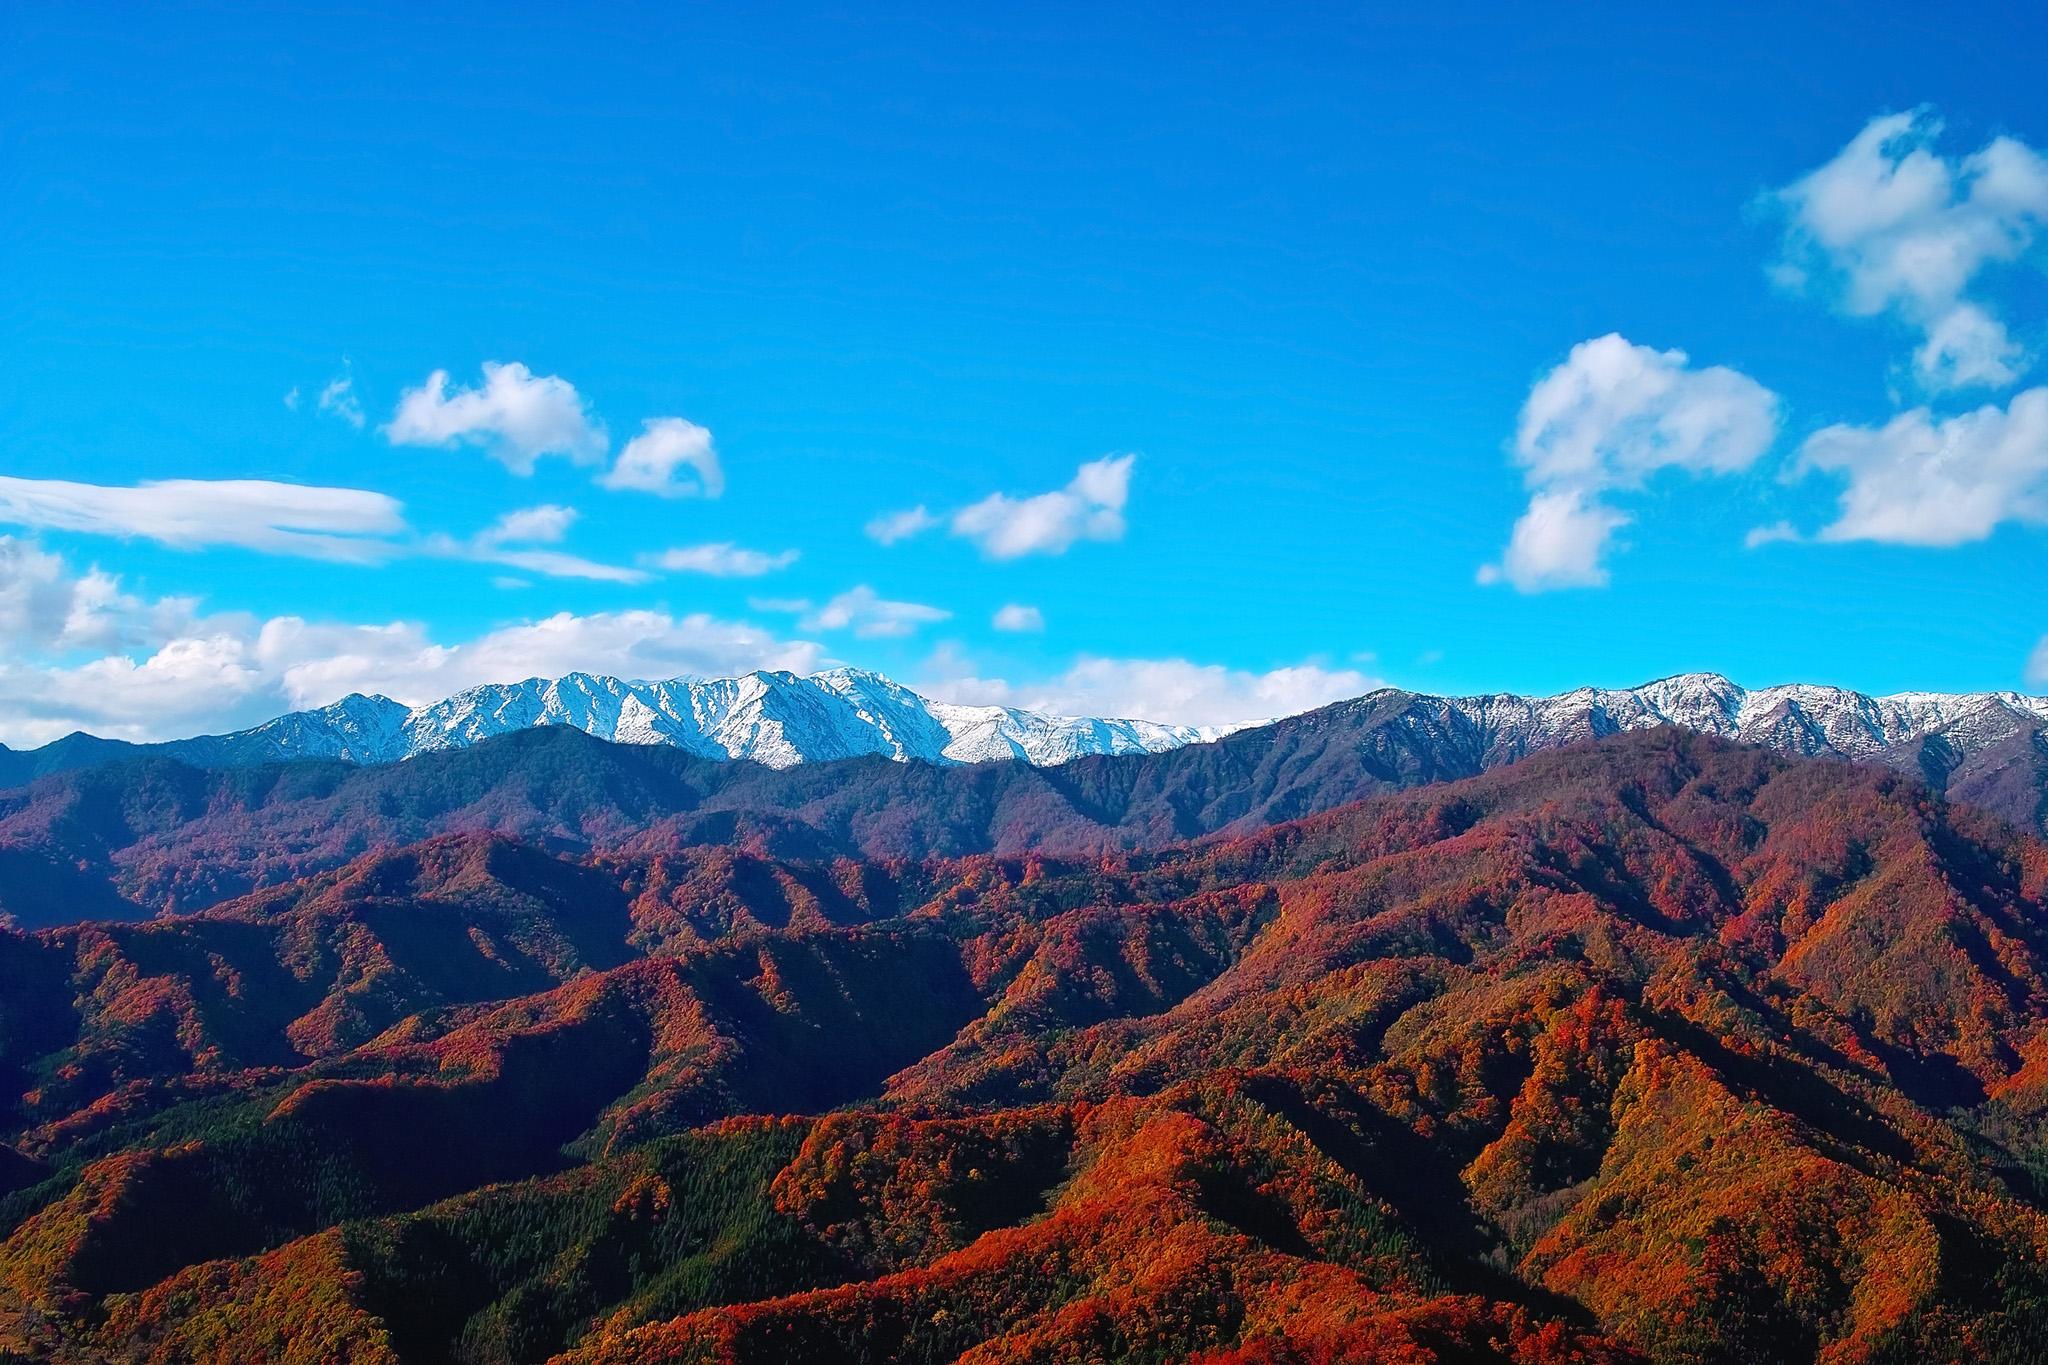 「青空に映える紅葉の赤い山」の画像を無料ダウンロード